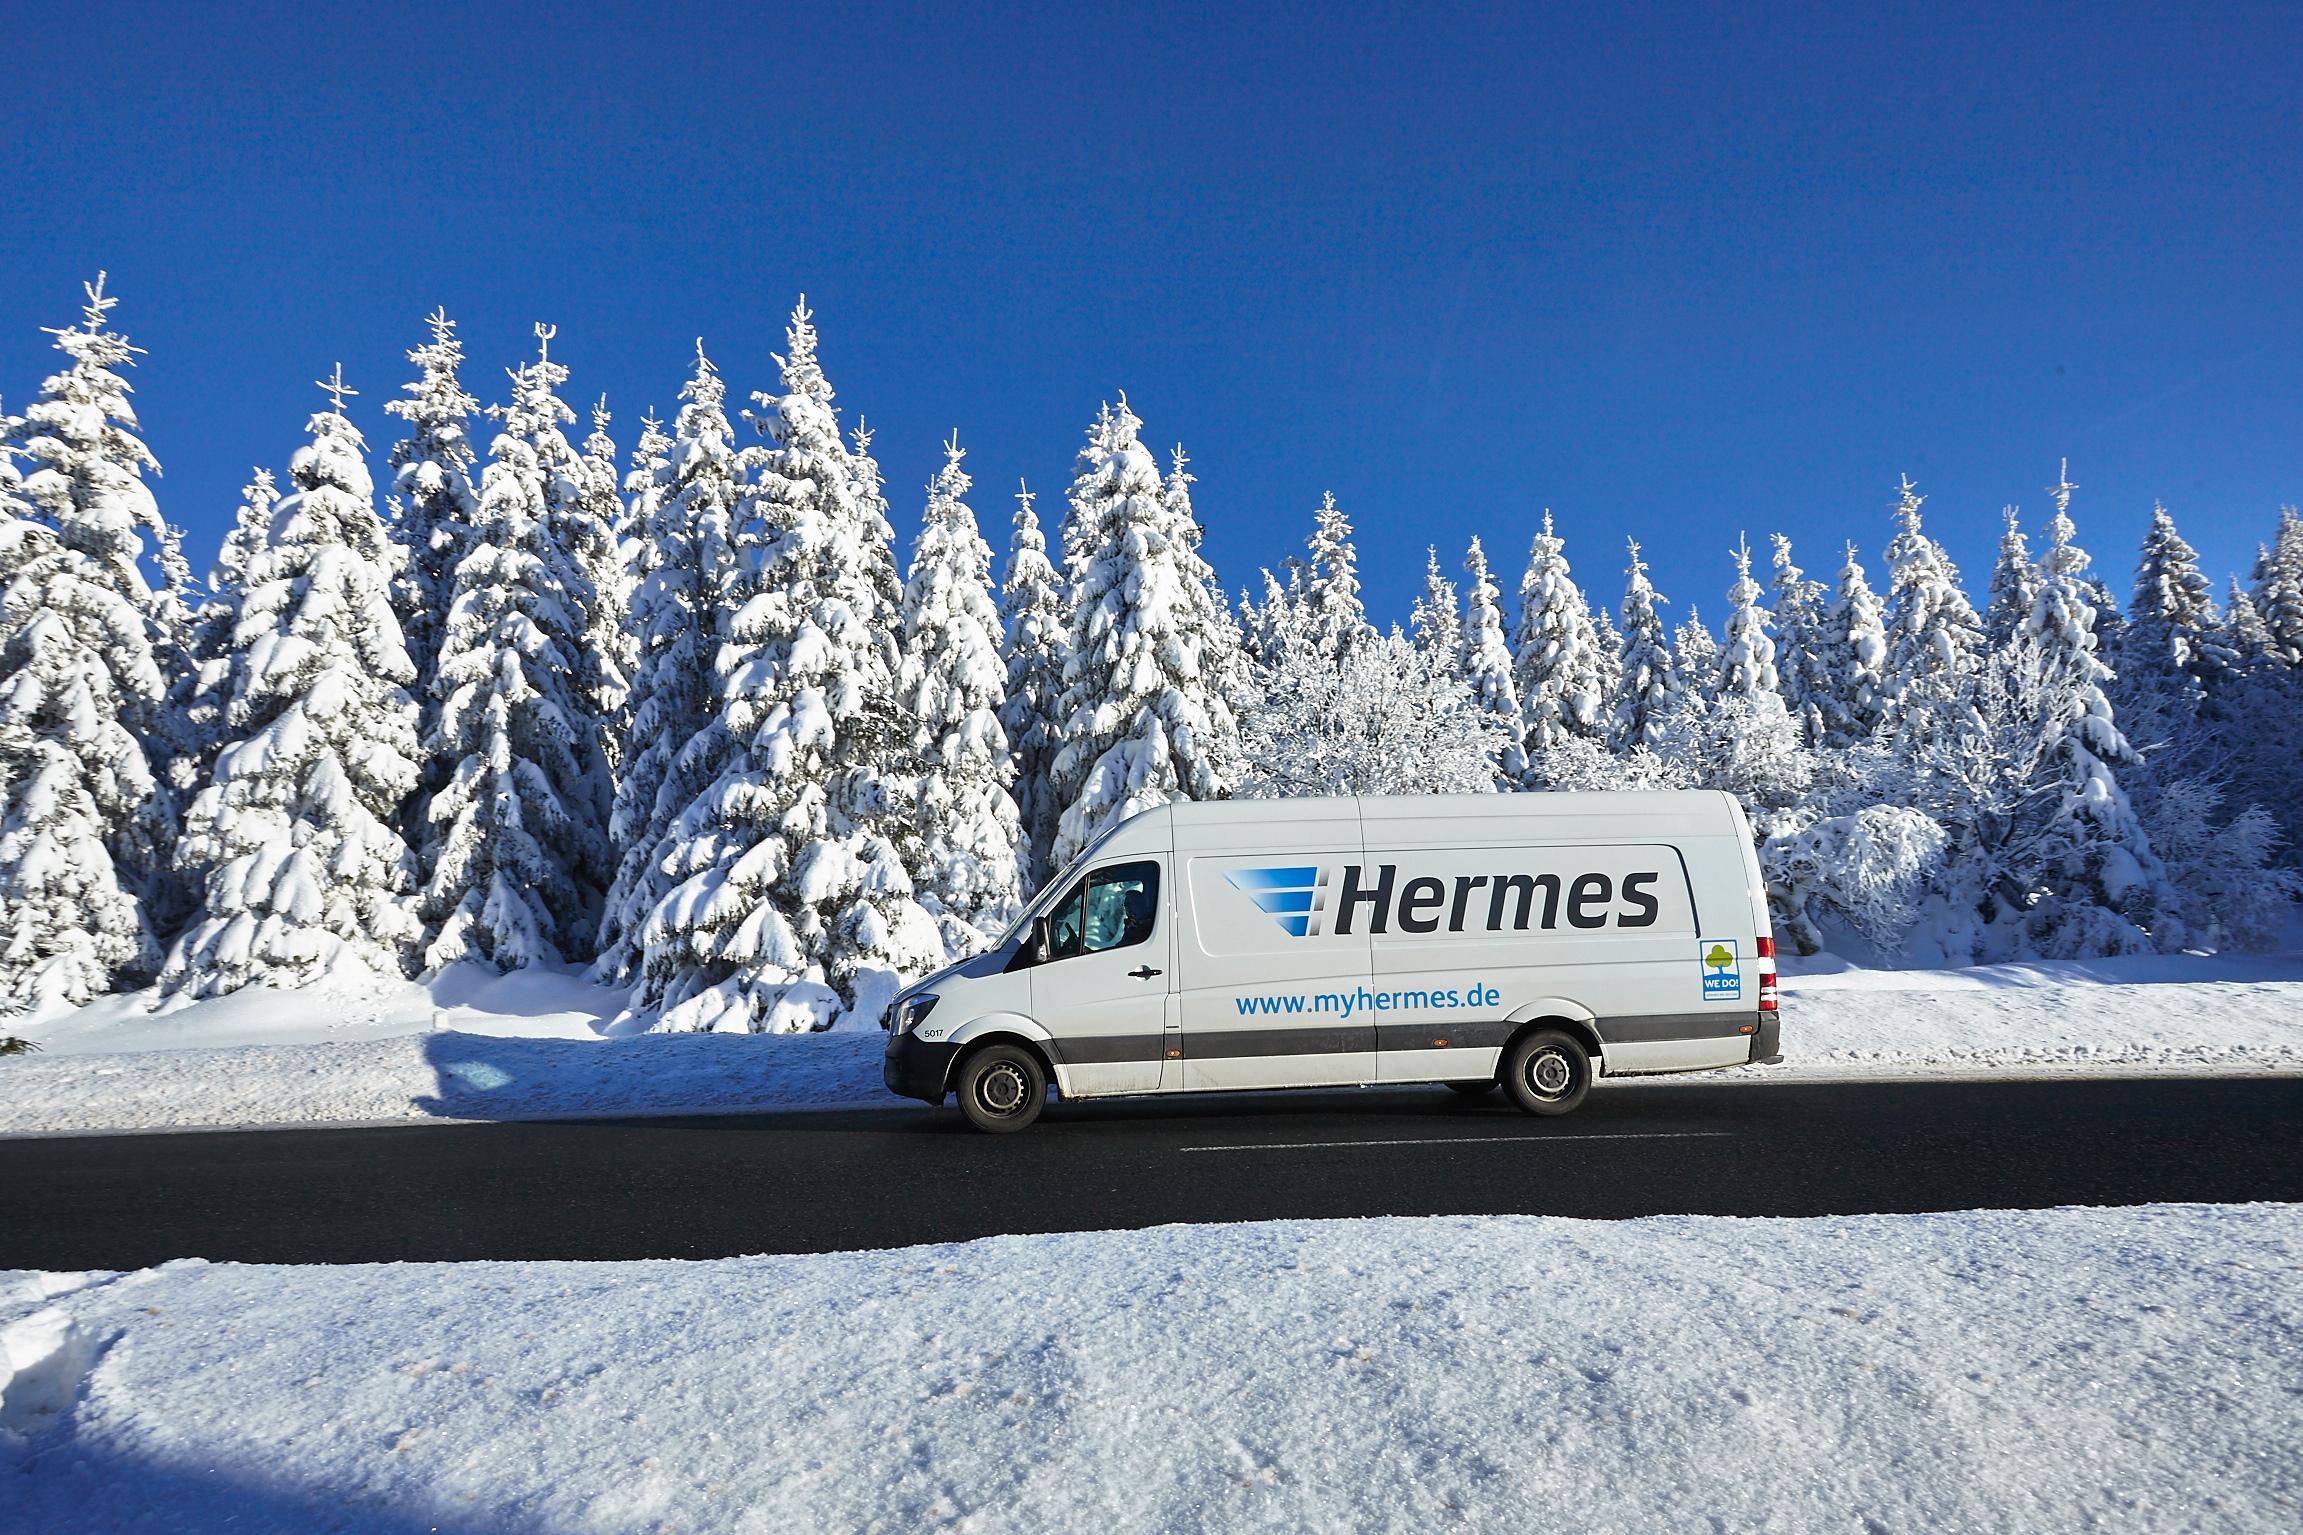 Weihnachten 2016 Hermes Erwartet So Viele Pakete Wie Nie